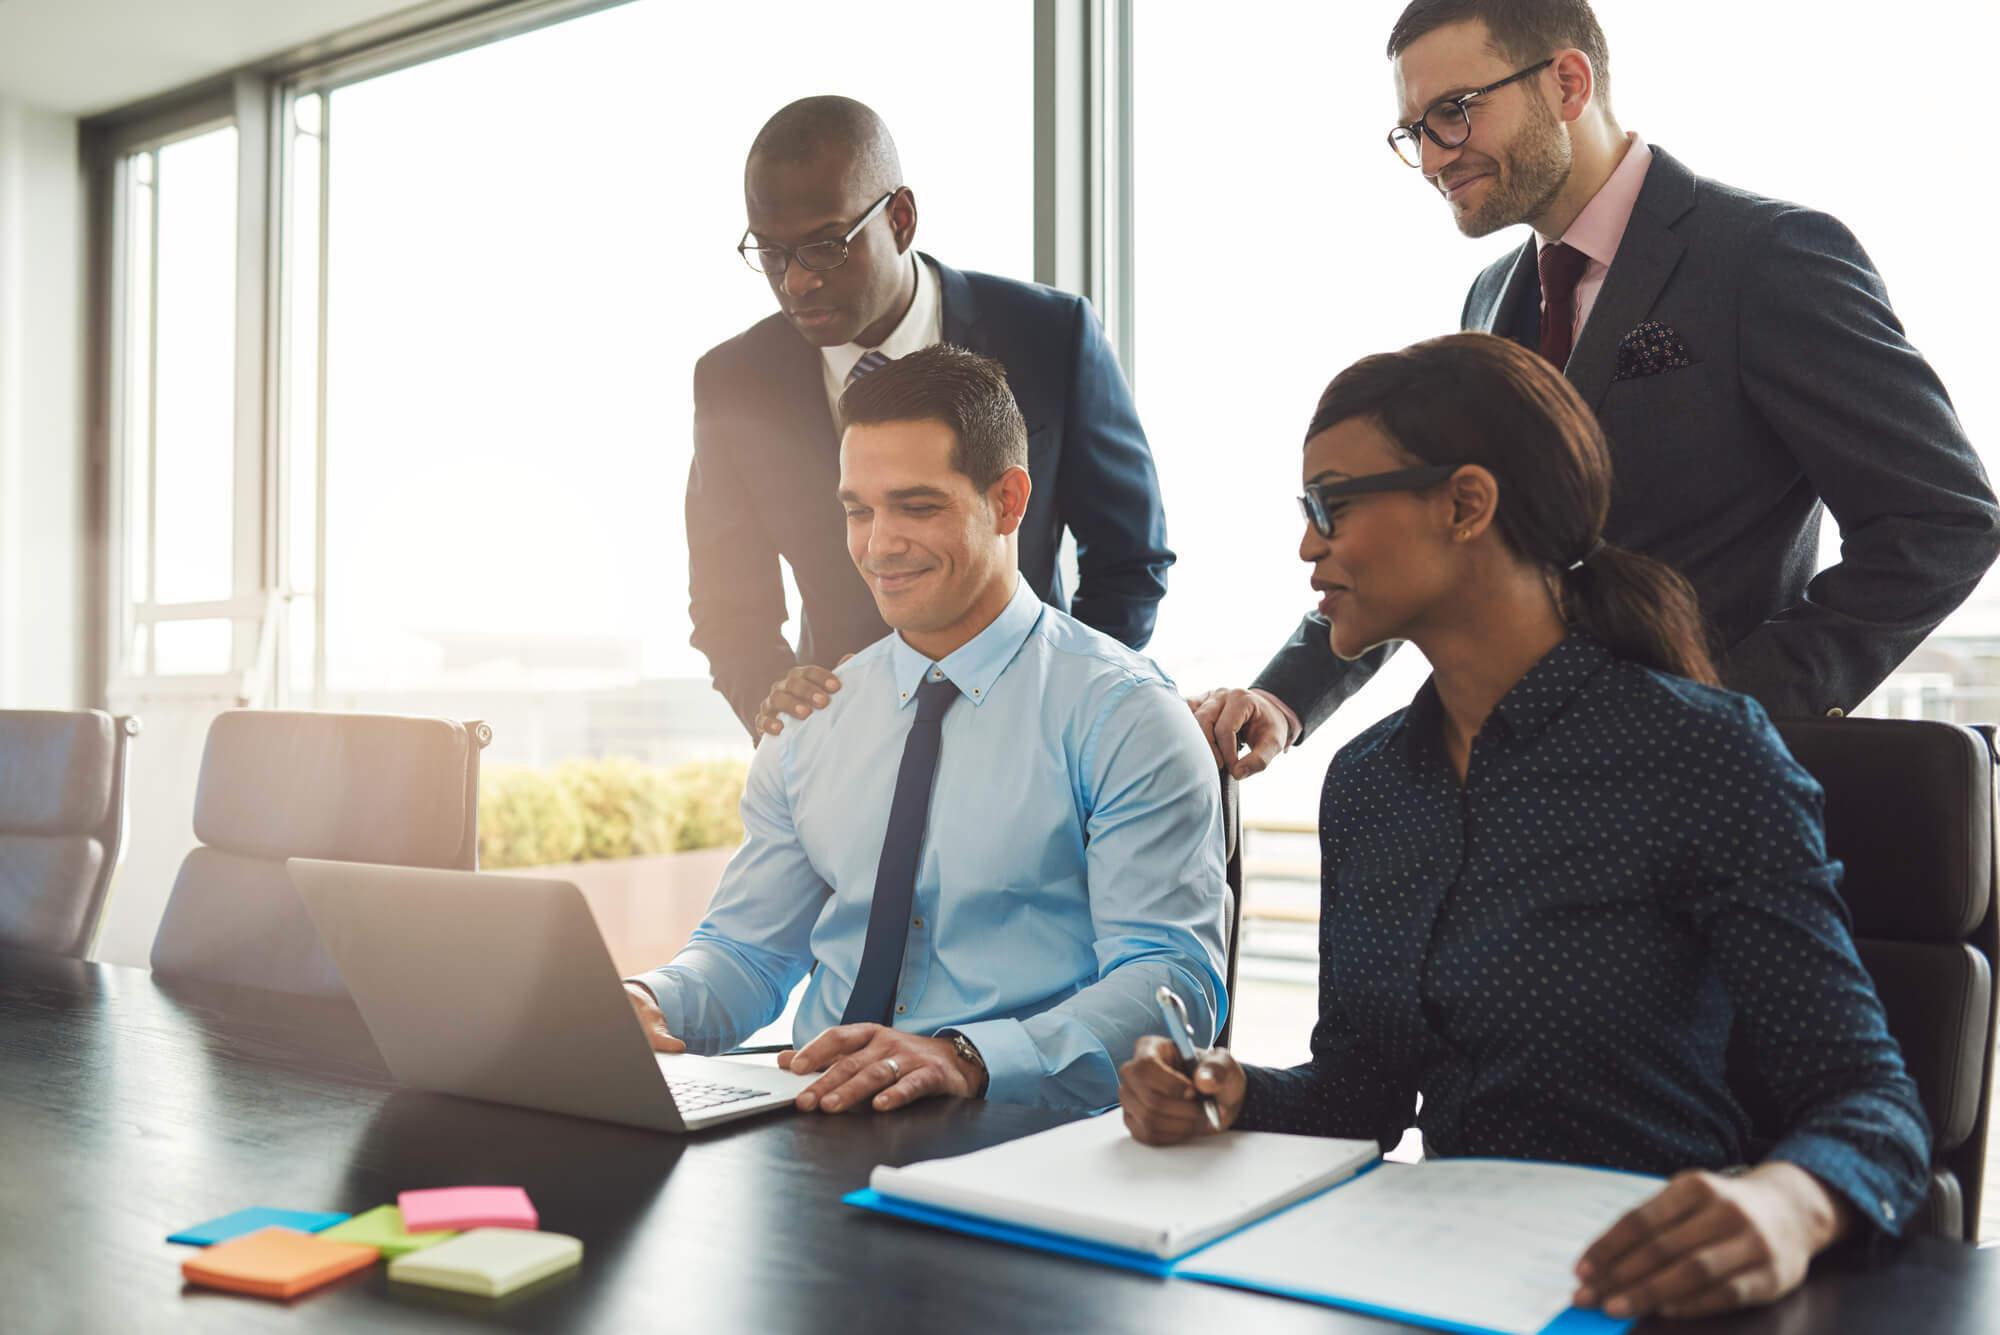 Como o service level agreement pode me trazer benefícios e vantagens?